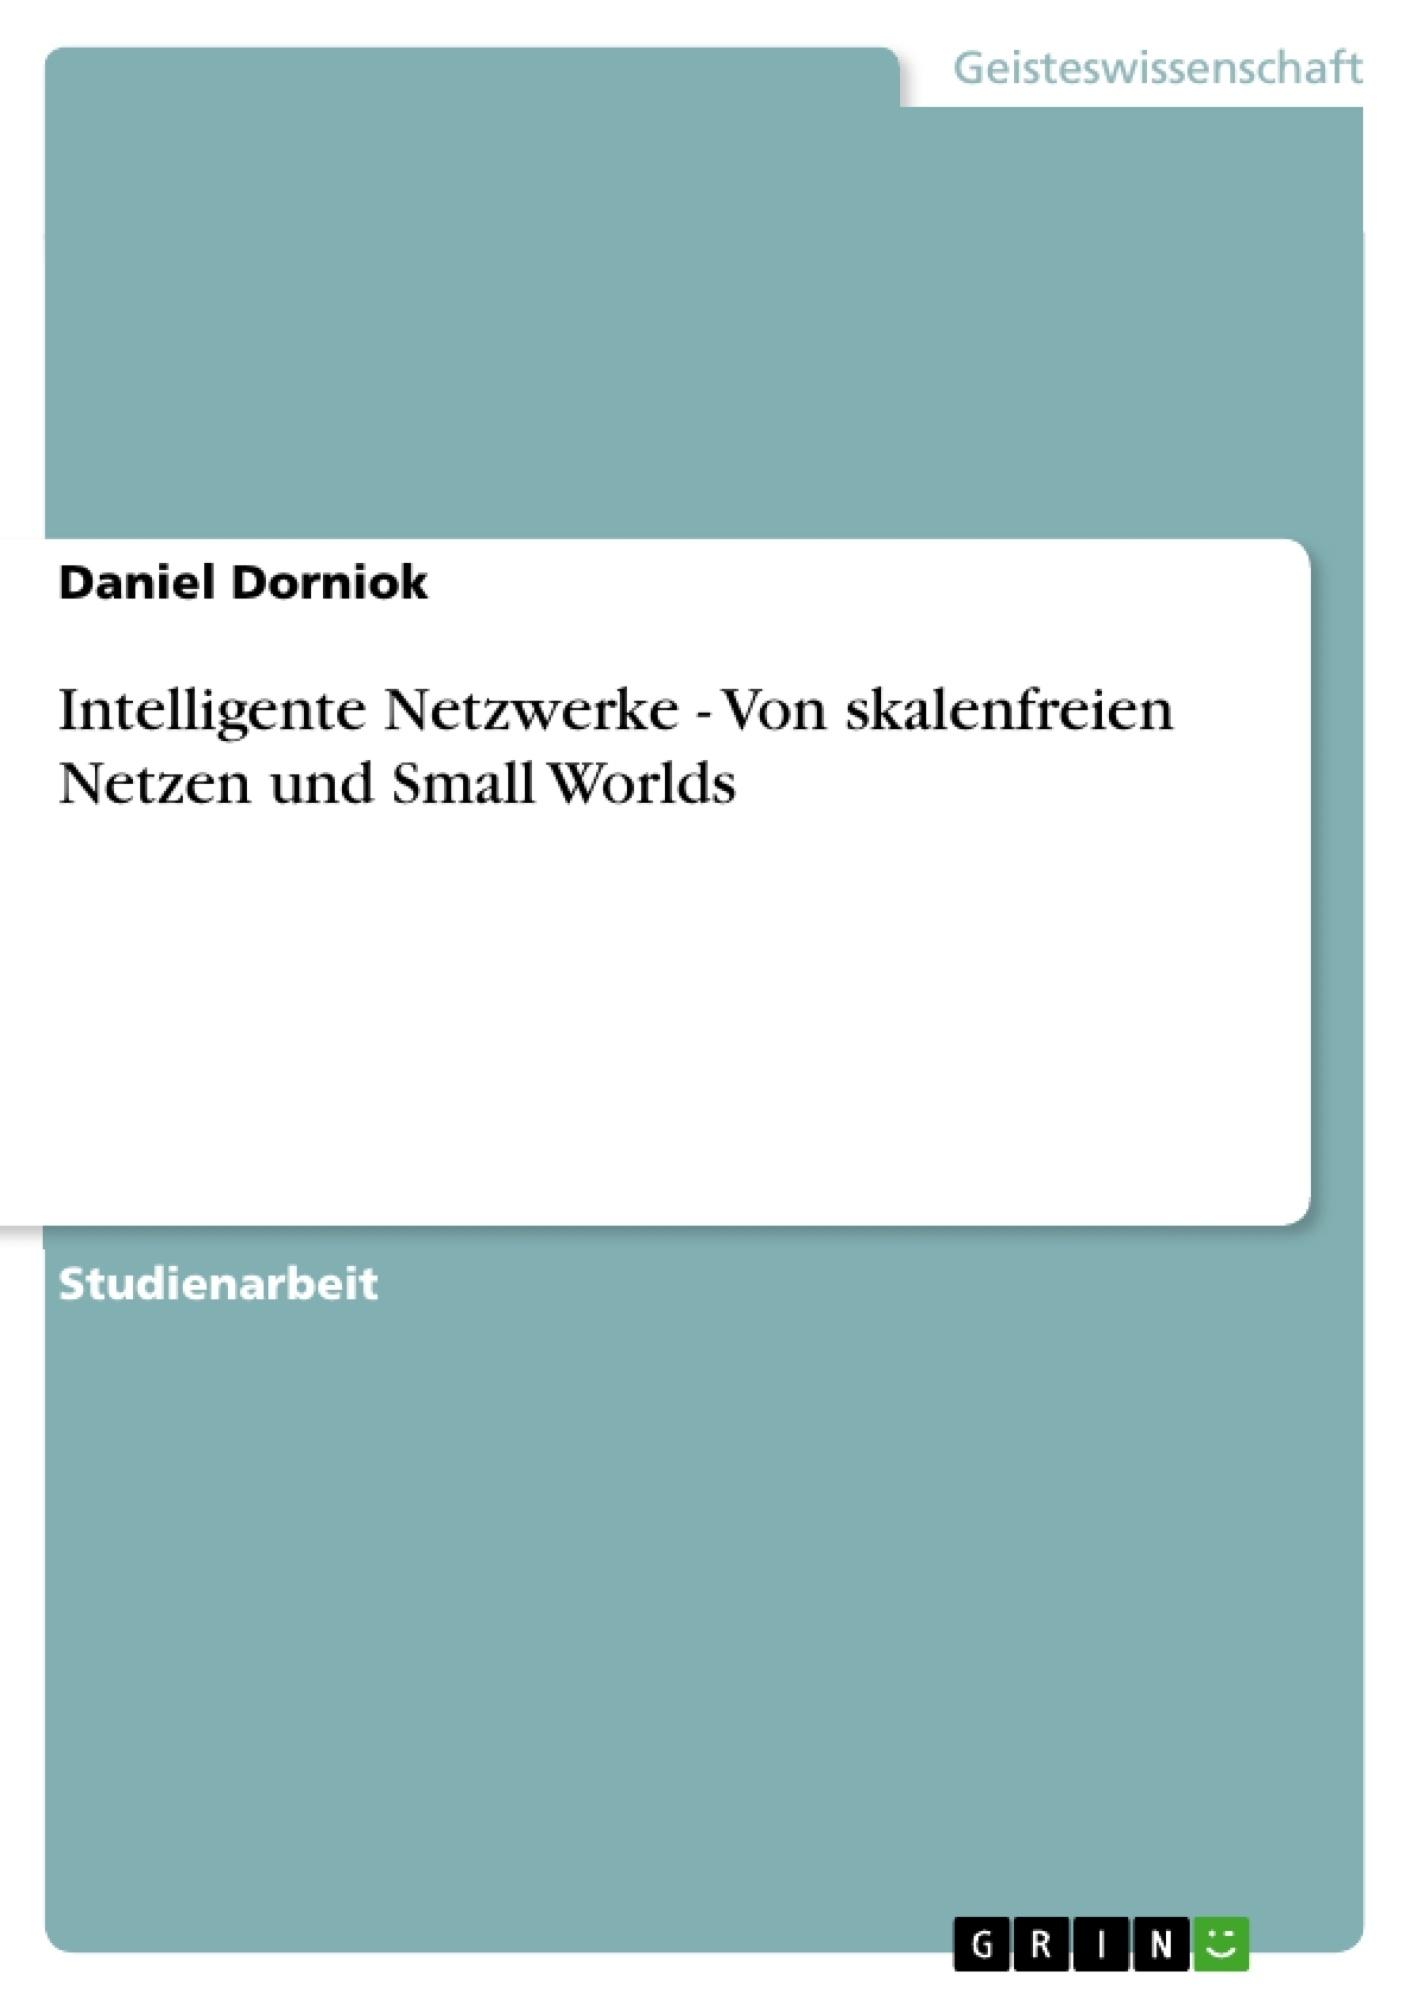 Titel: Intelligente Netzwerke - Von skalenfreien Netzen und Small Worlds